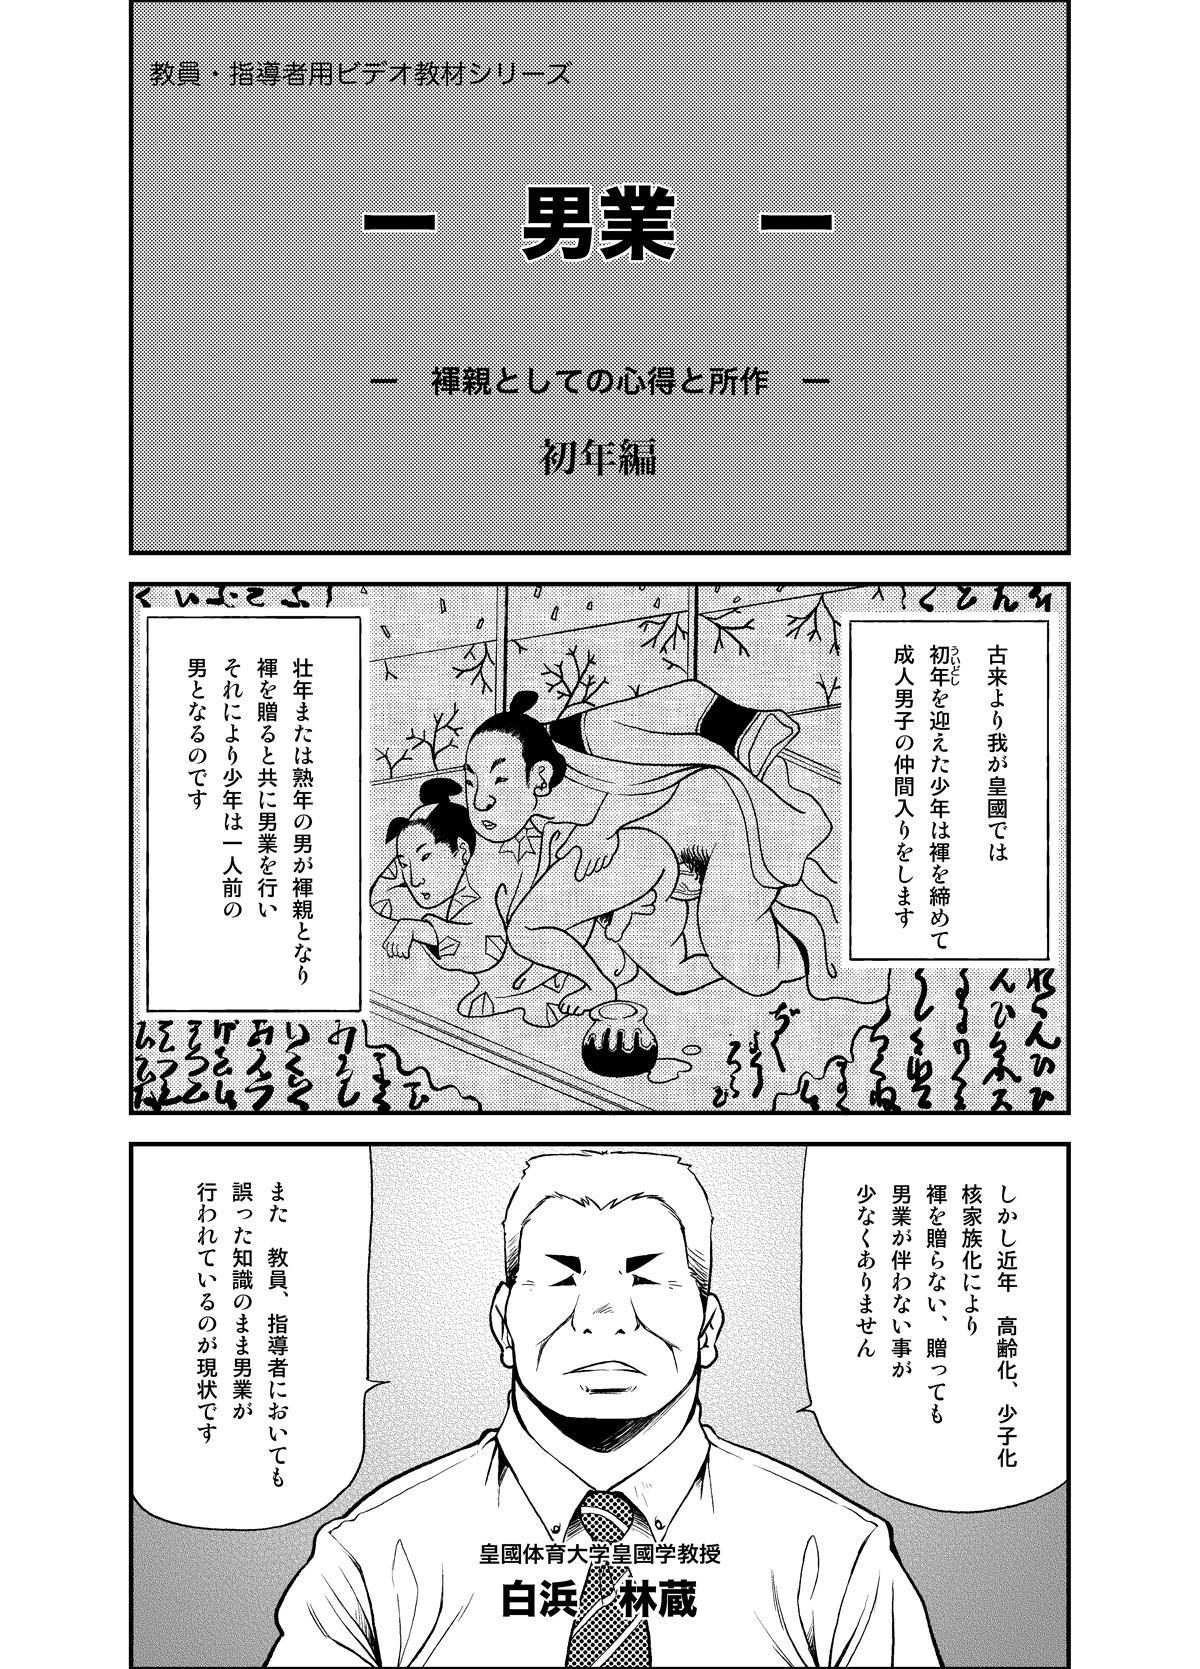 Tadashii Danshi no Kyouren Hou 9